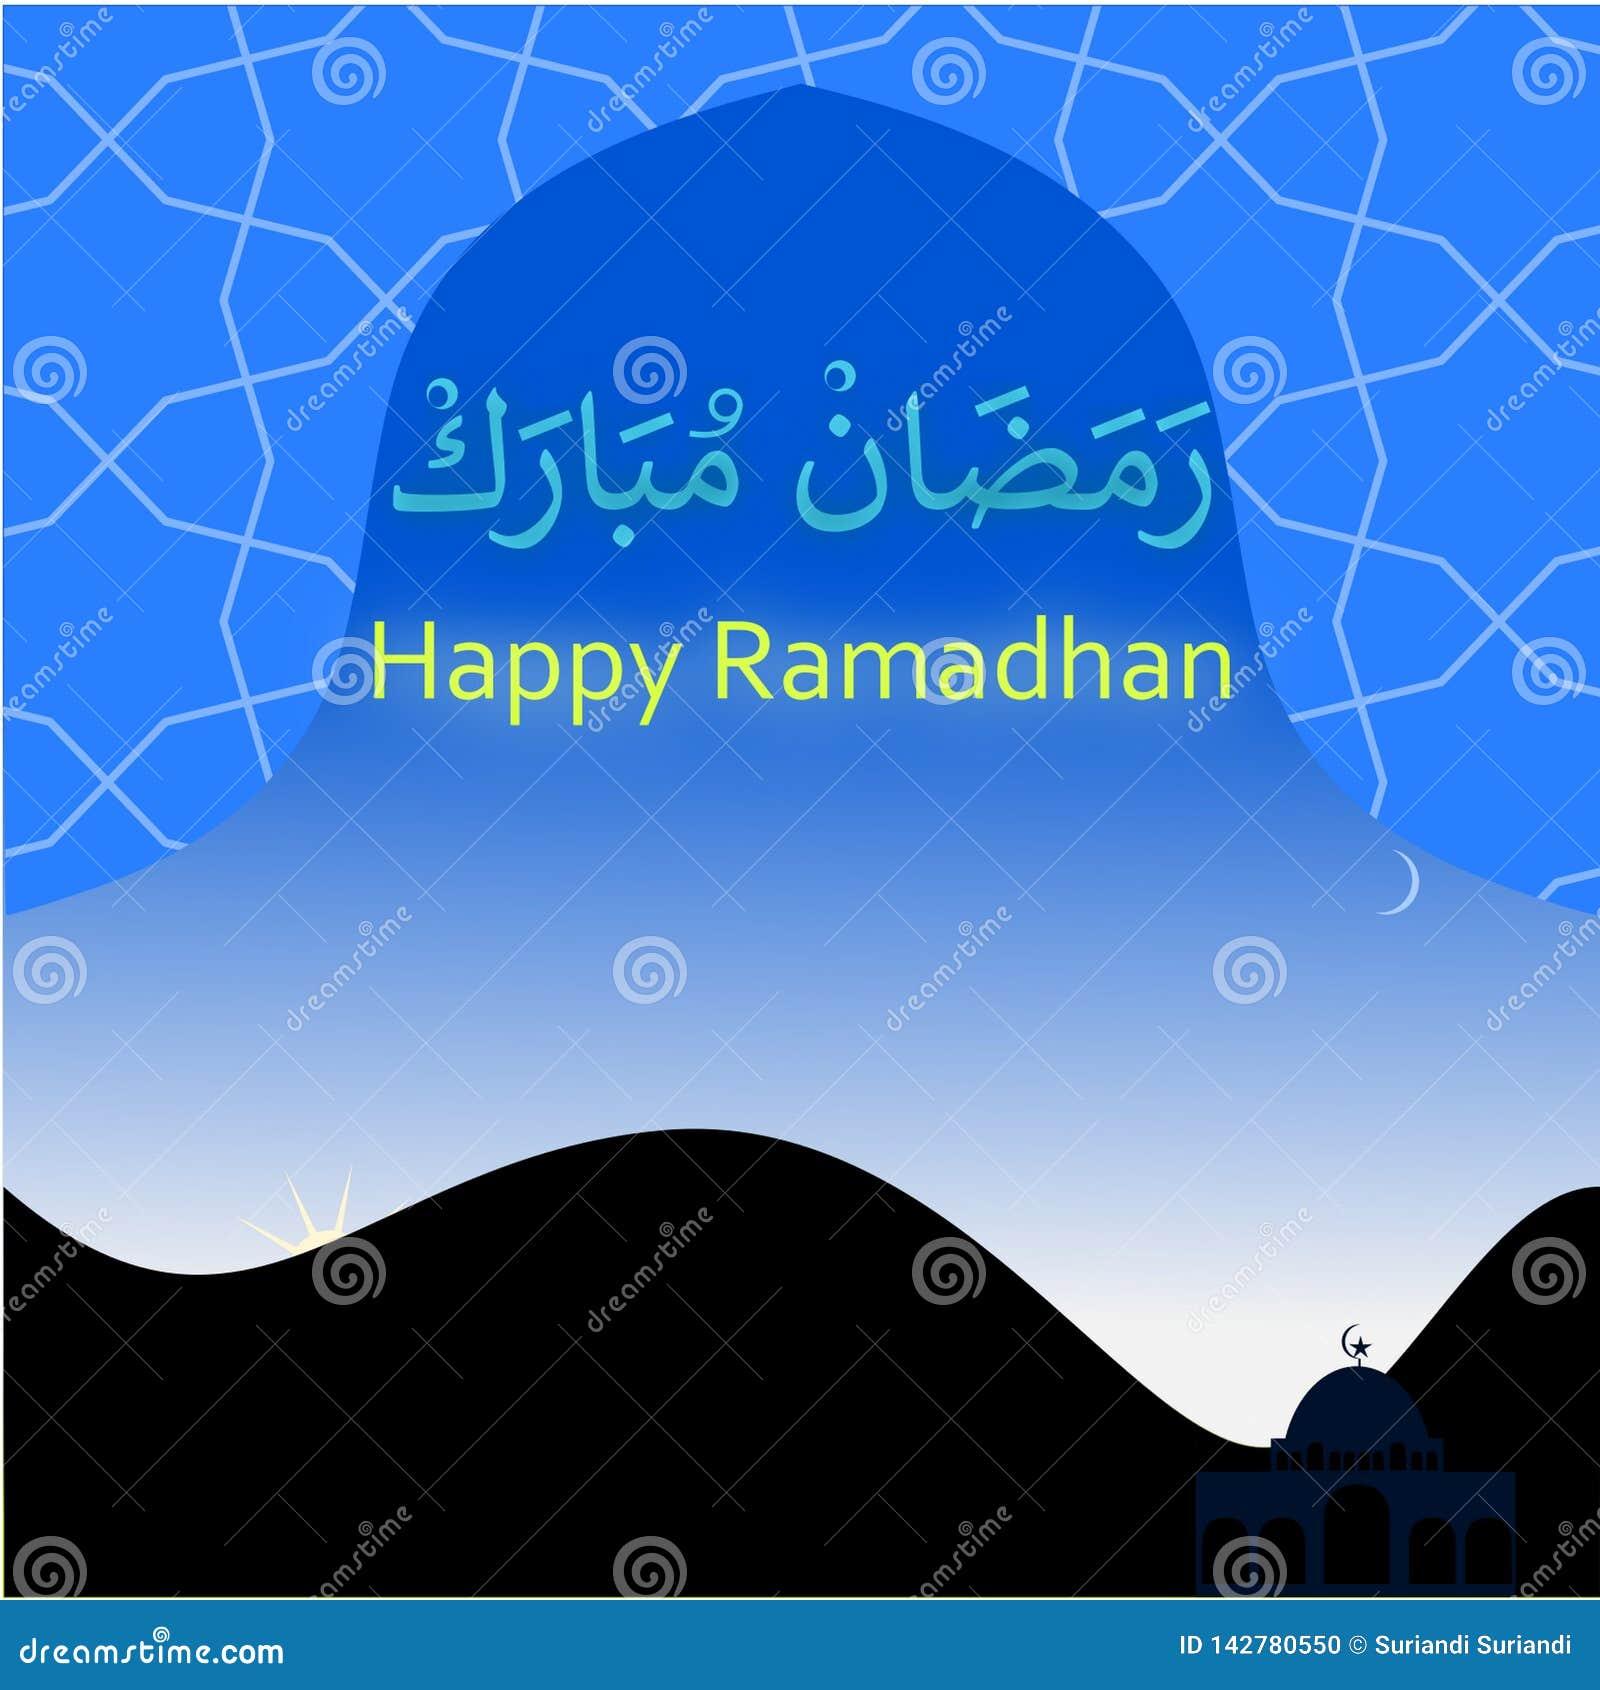 Ramadhan Mubarok Wallpaper